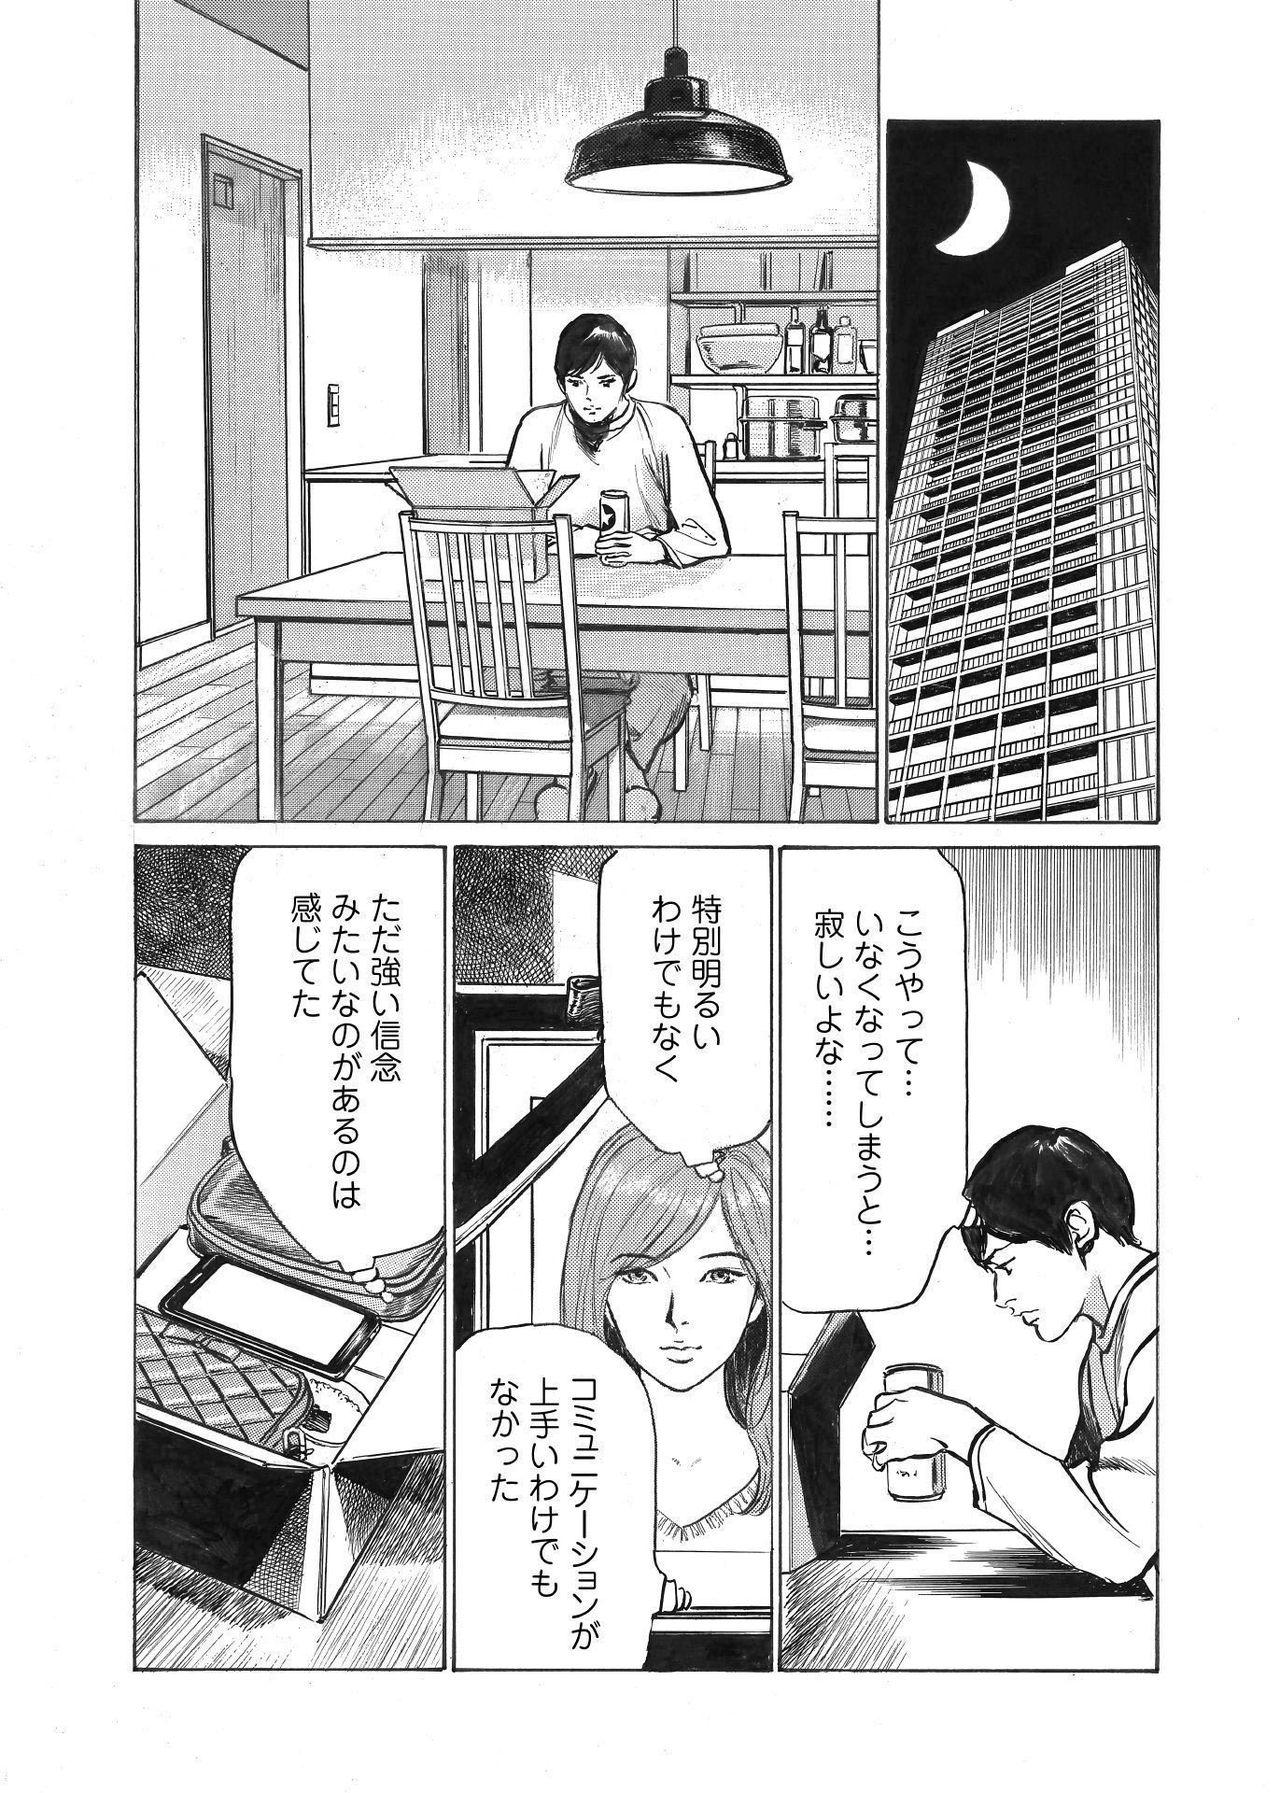 Ore wa Tsuma no Koto o Yoku Shiranai 1-9 14